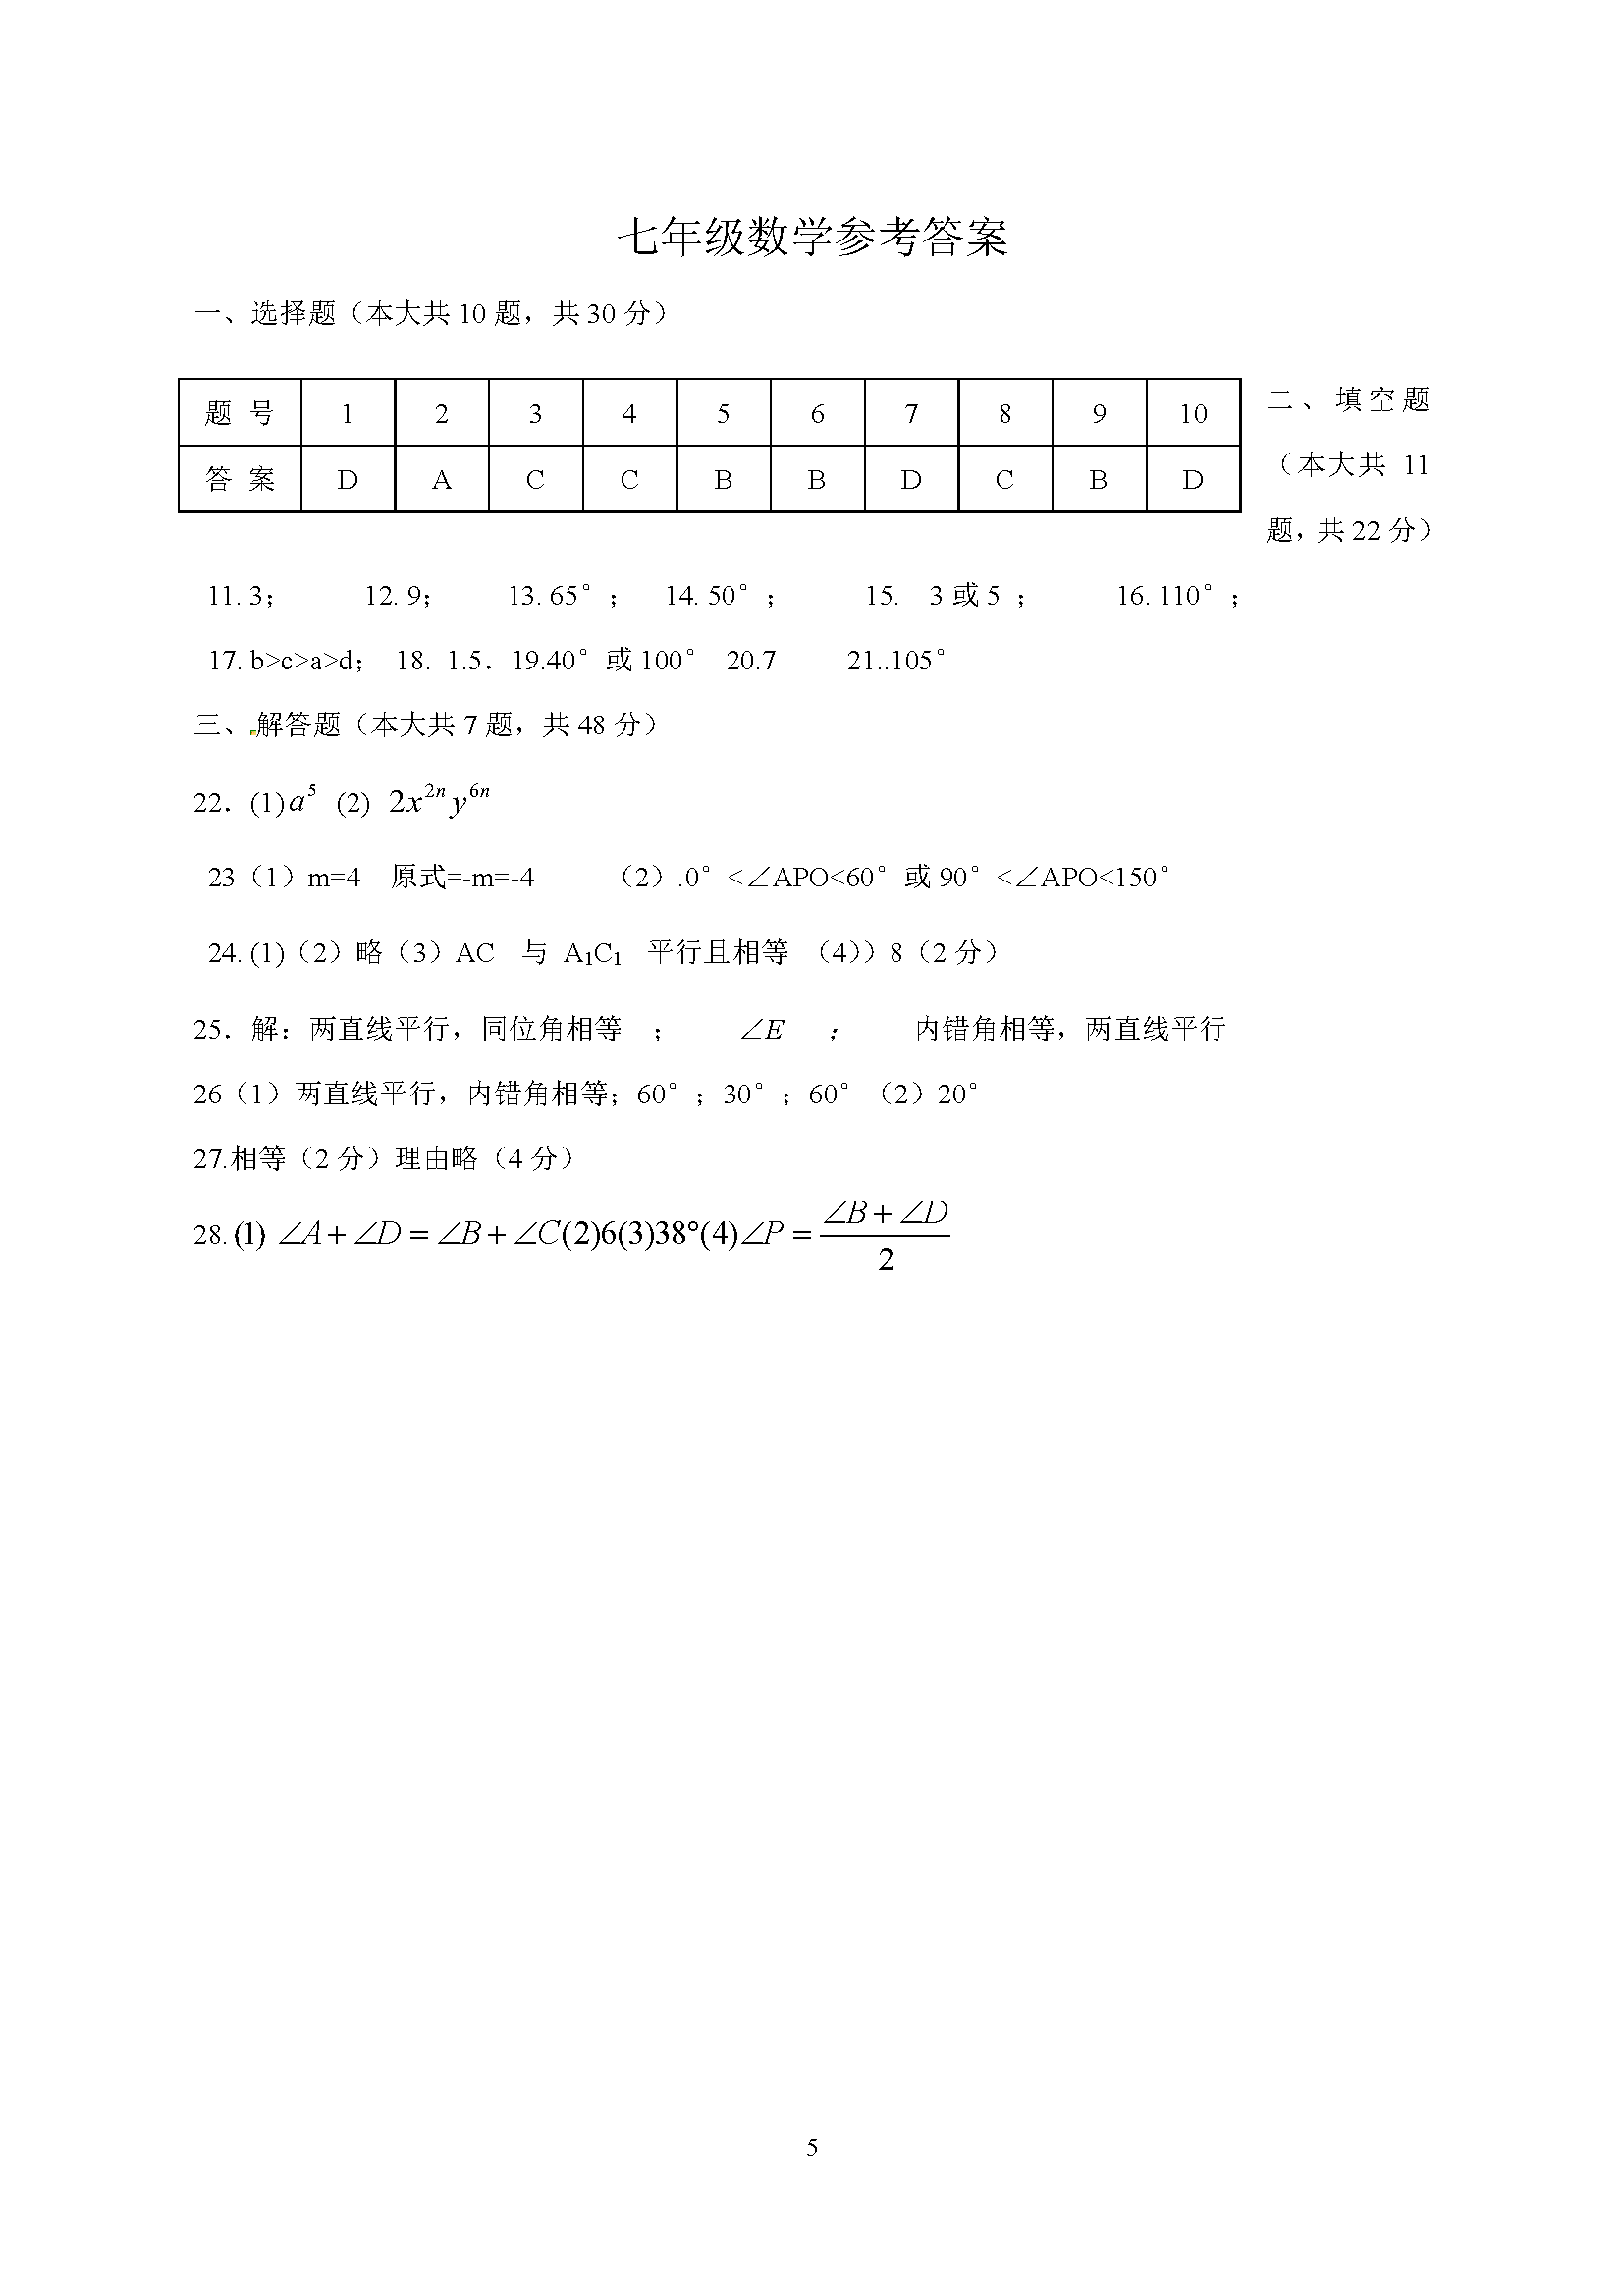 2017江苏镇江丹阳实验学校七年级3月月考数学试题答案(Word版)